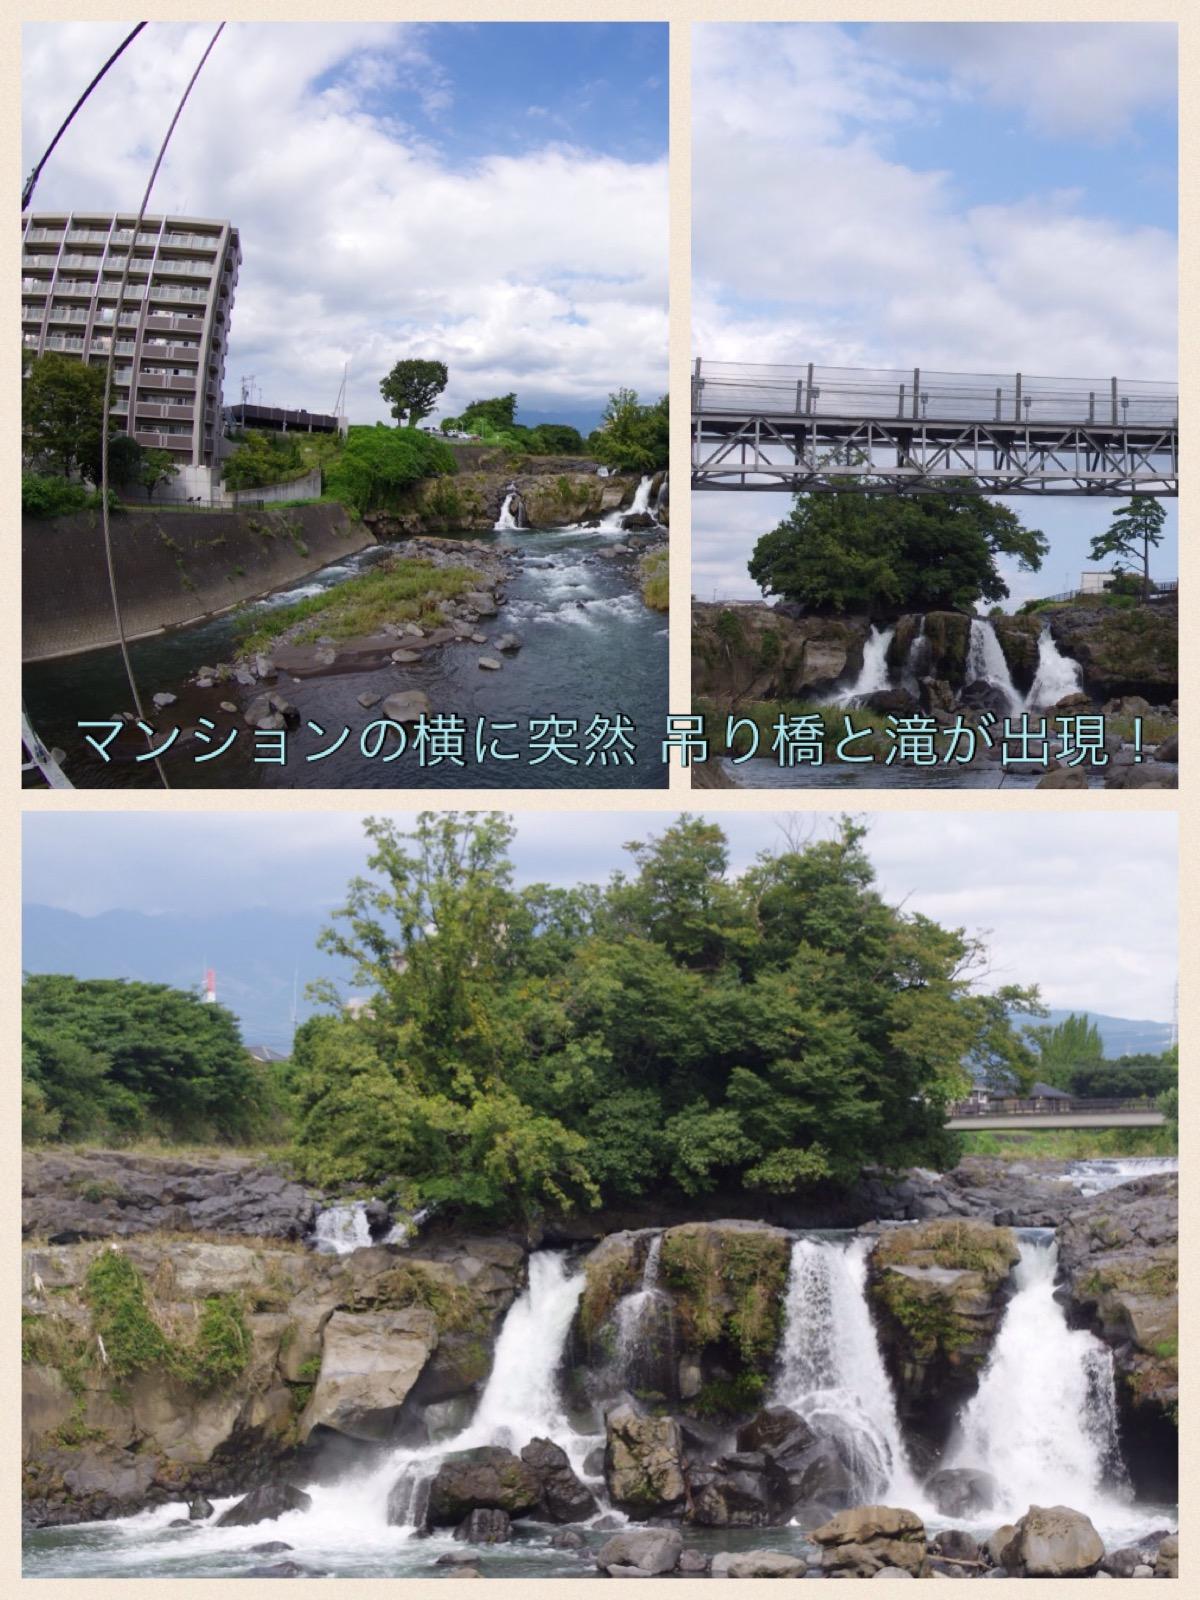 長泉町 鮎壺の滝